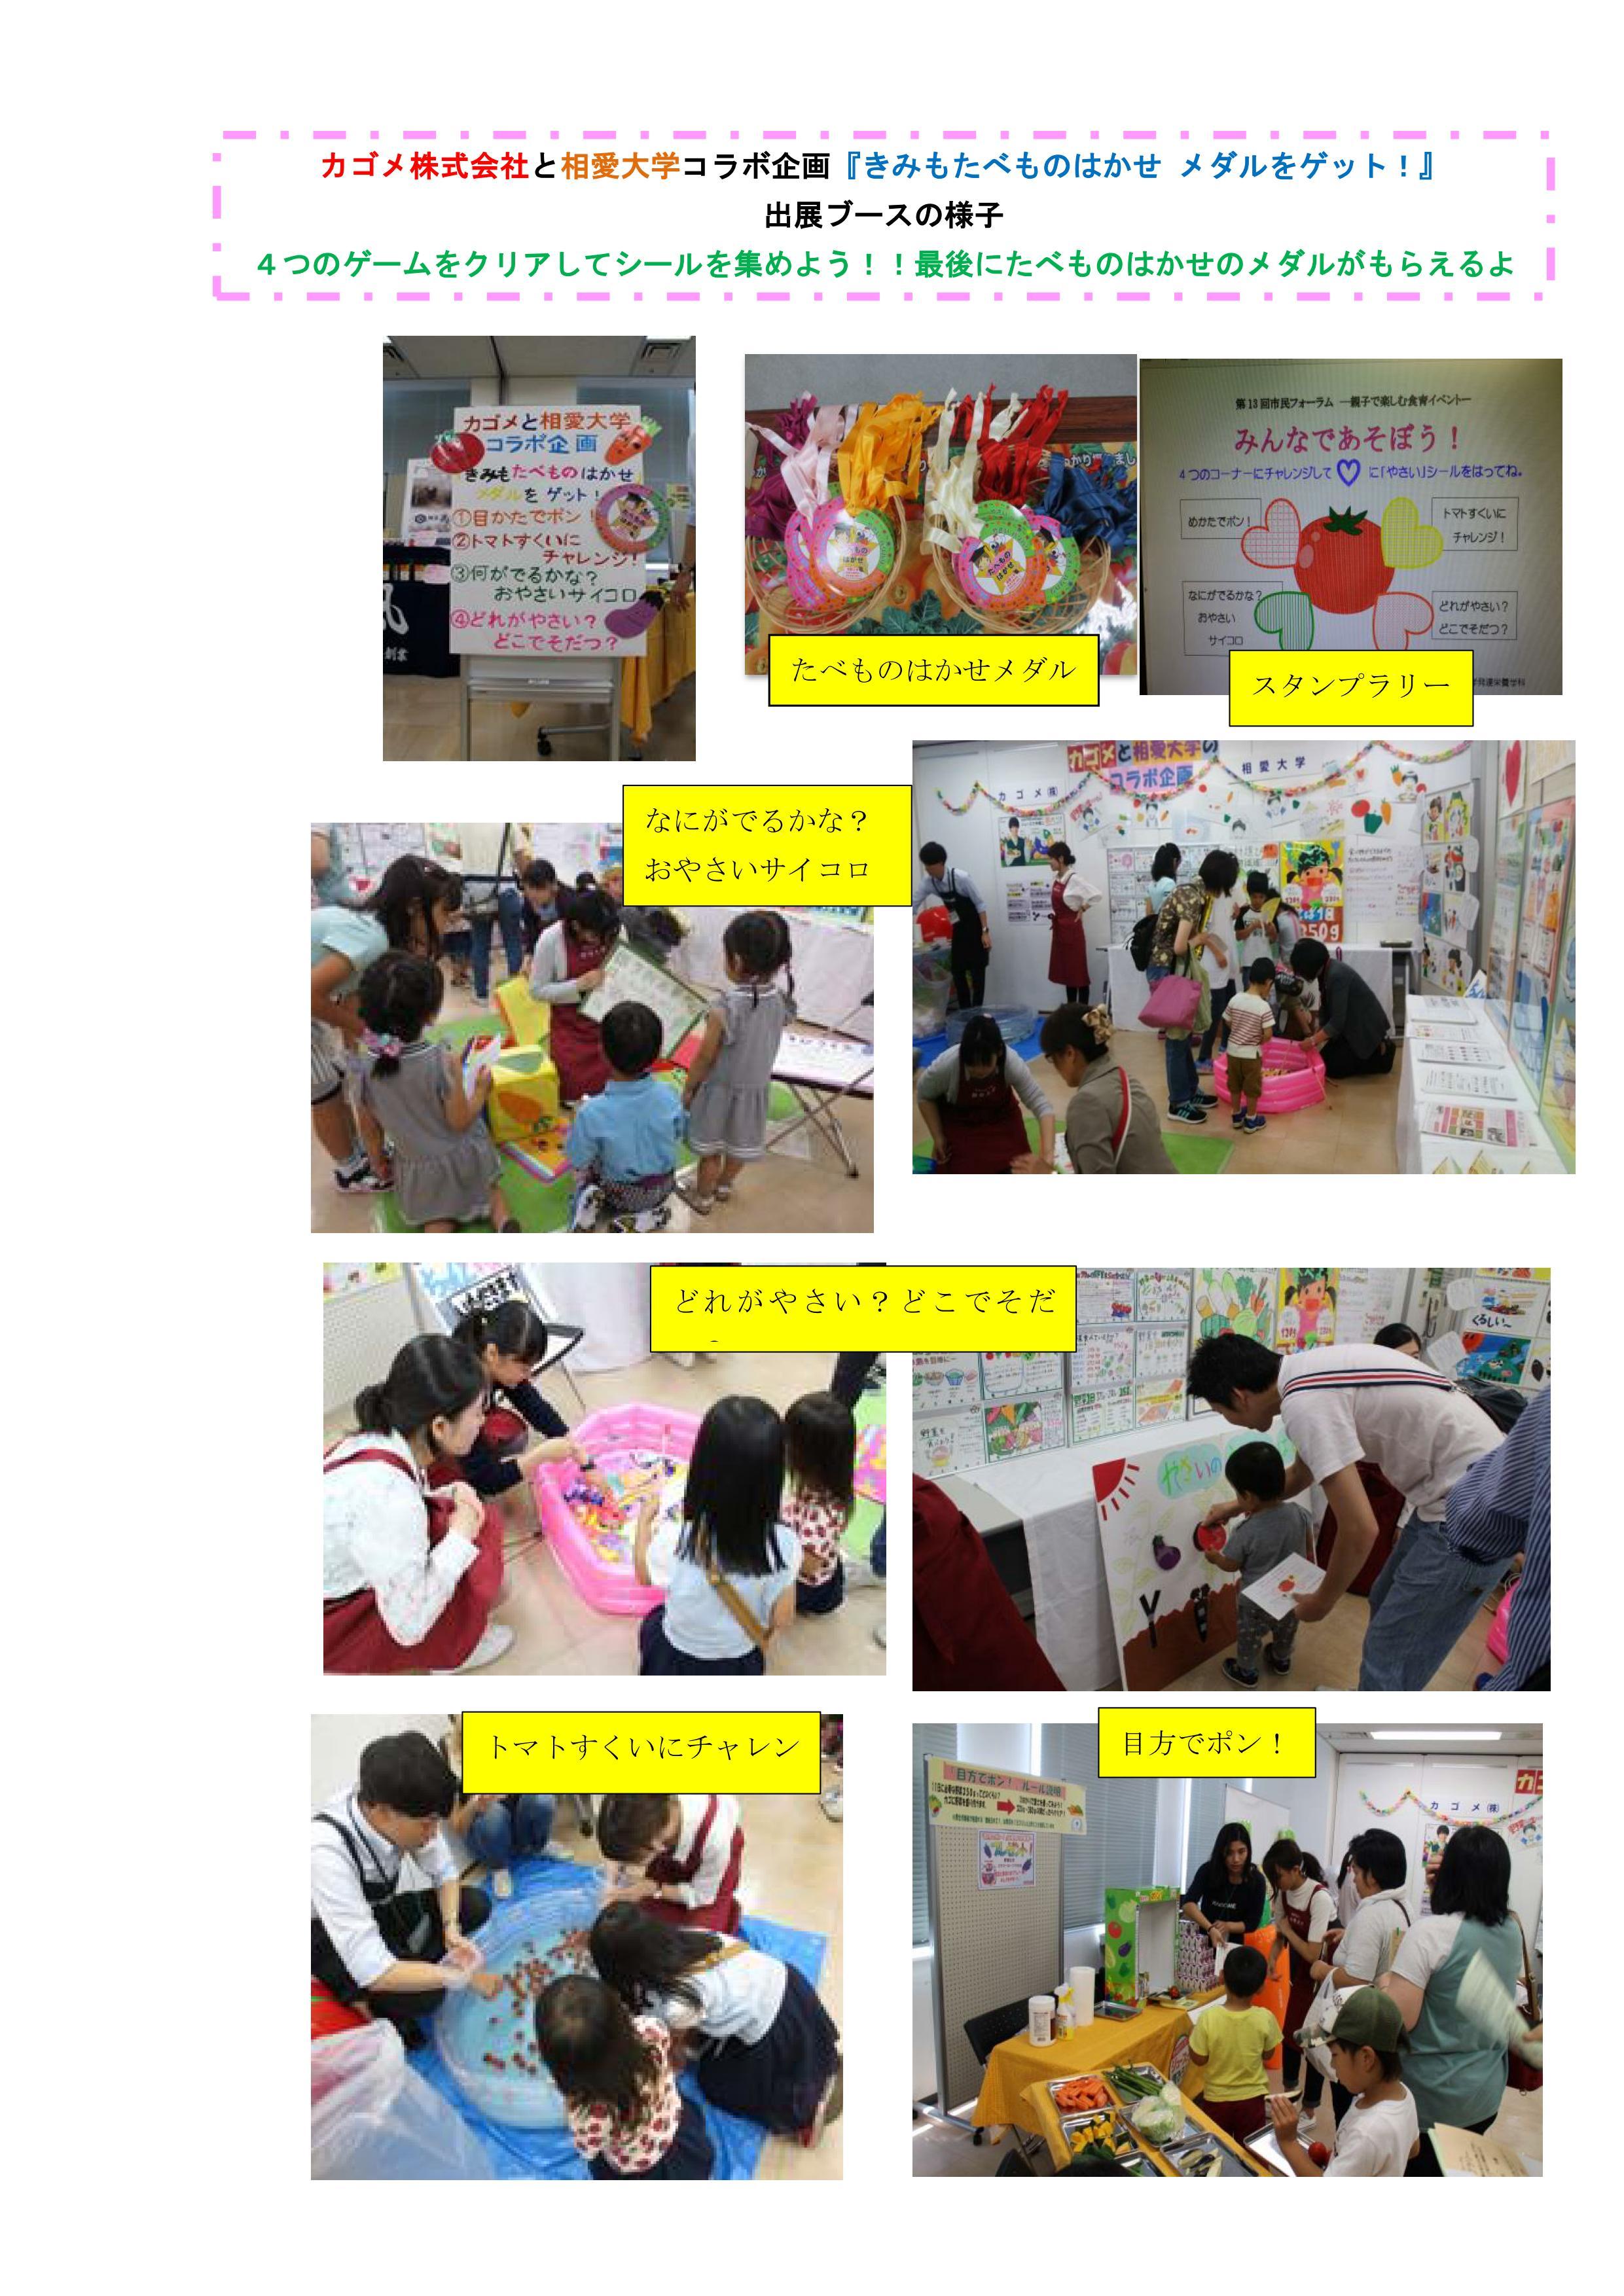 http://www.soai.ac.jp/information/learning/simin-forum0617_01.jpg